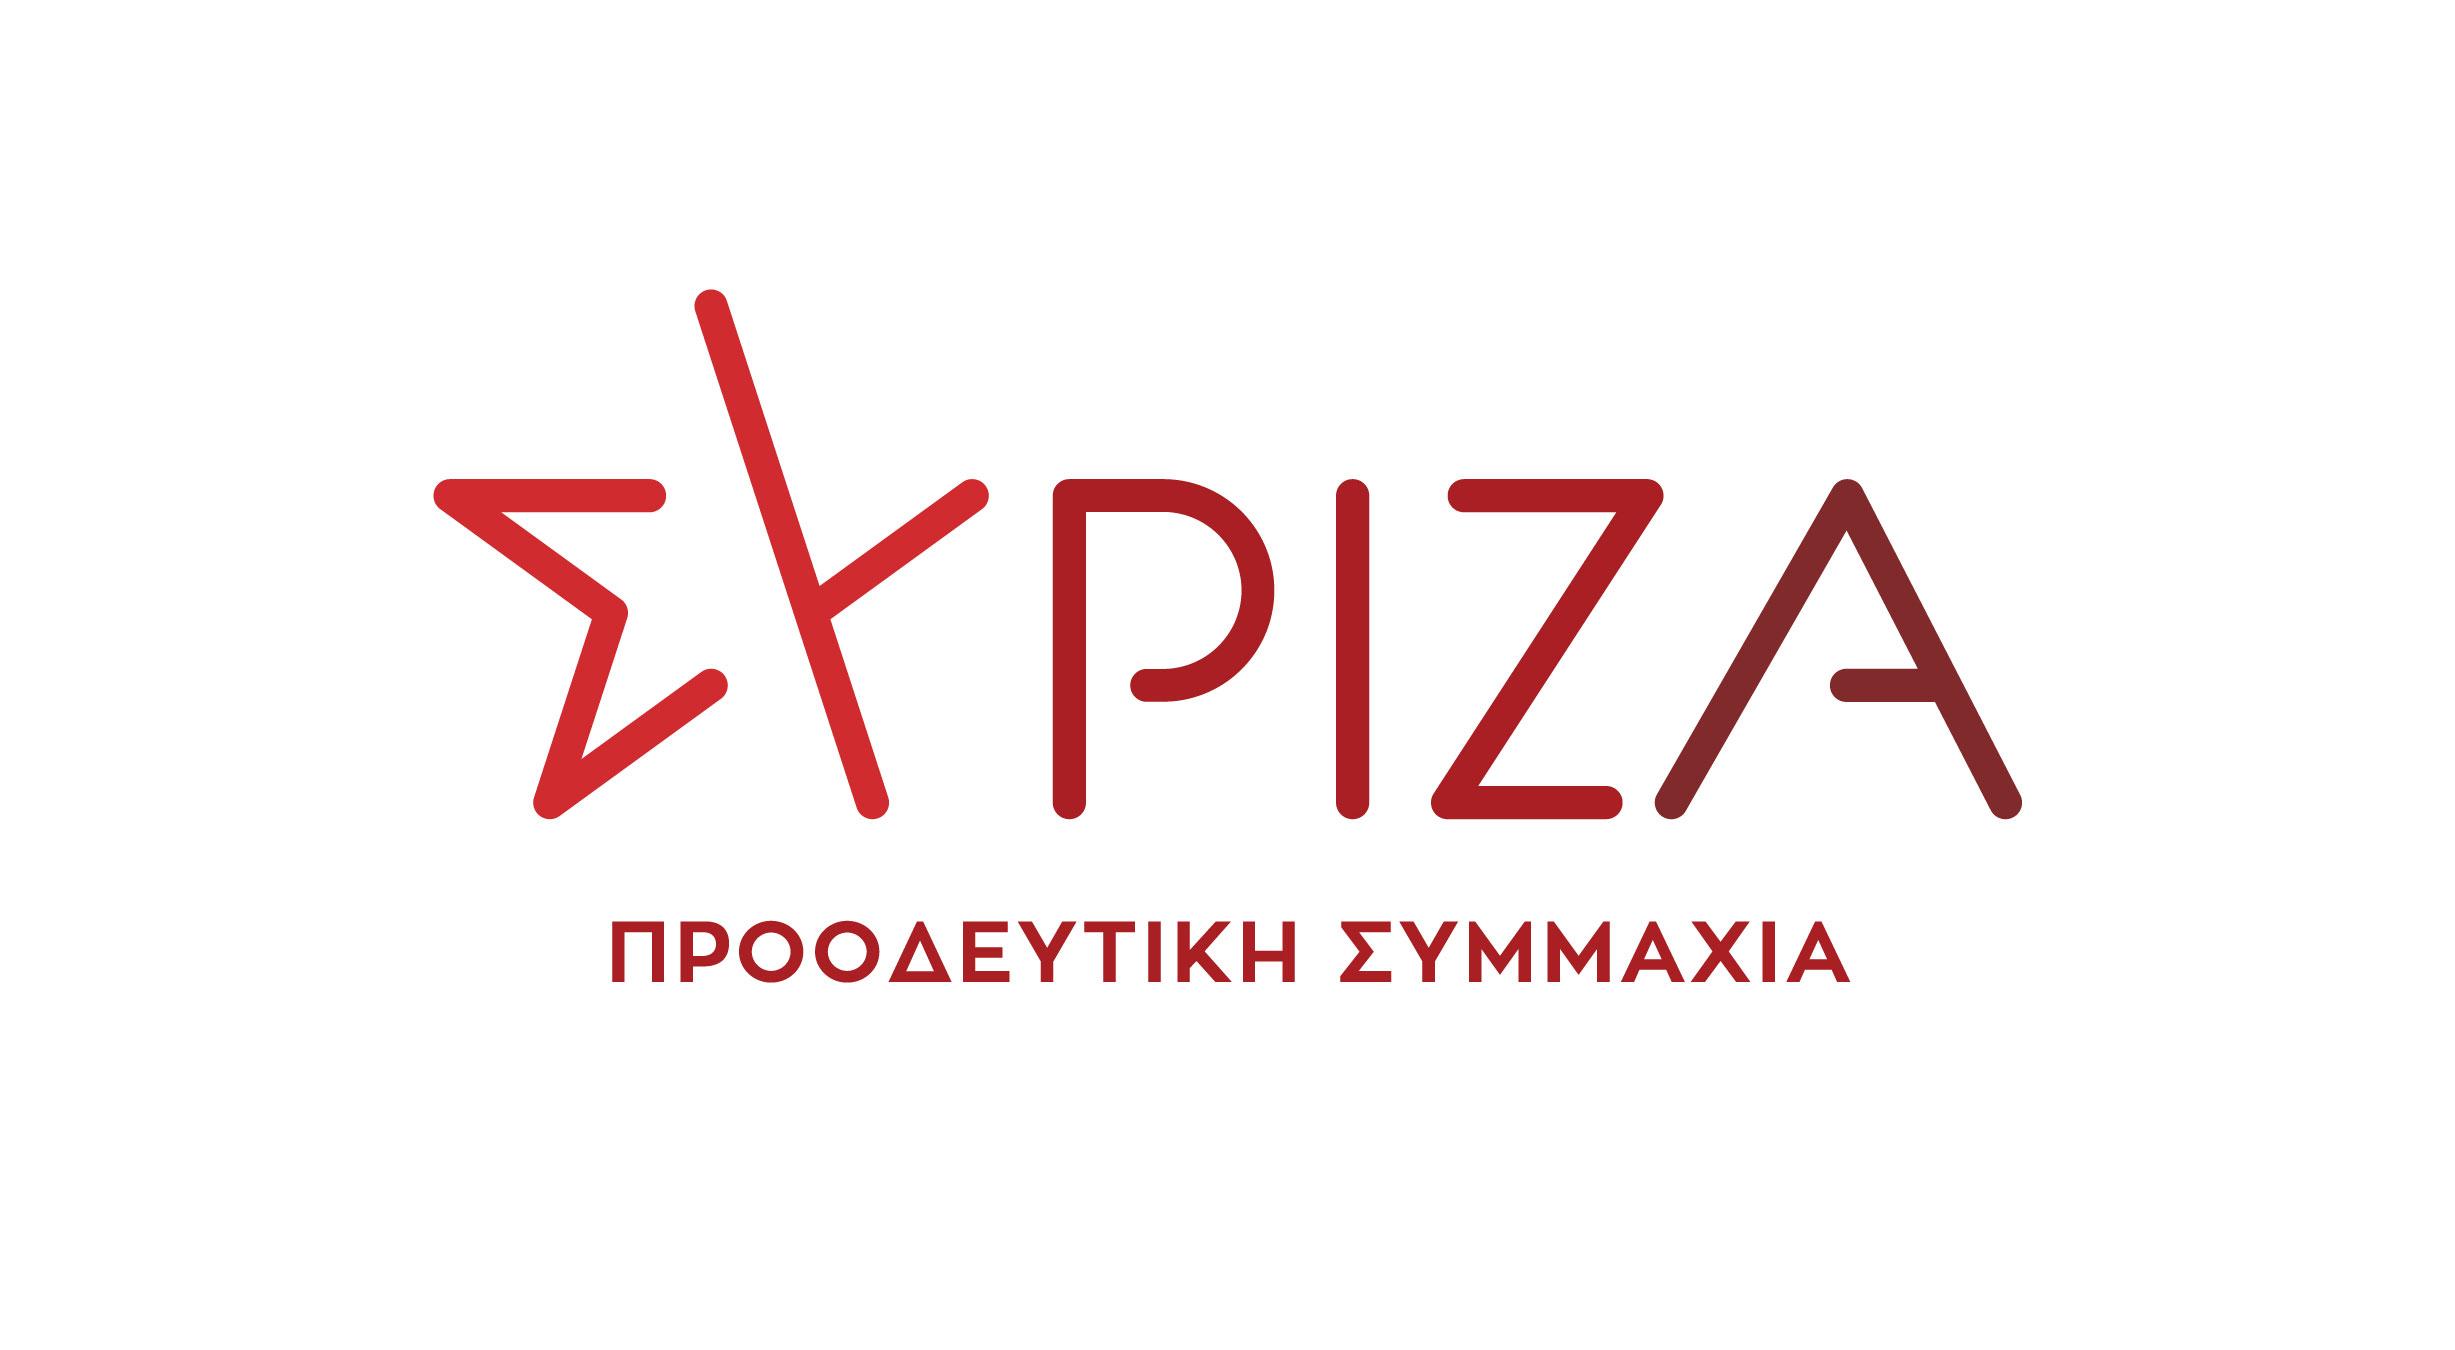 ΣΥΡΙΖΑ: Εισαγγελική παρέμβαση για τα όσα αναφέρουν τα δημοσιεύματα για τον ΕΟΔΥ